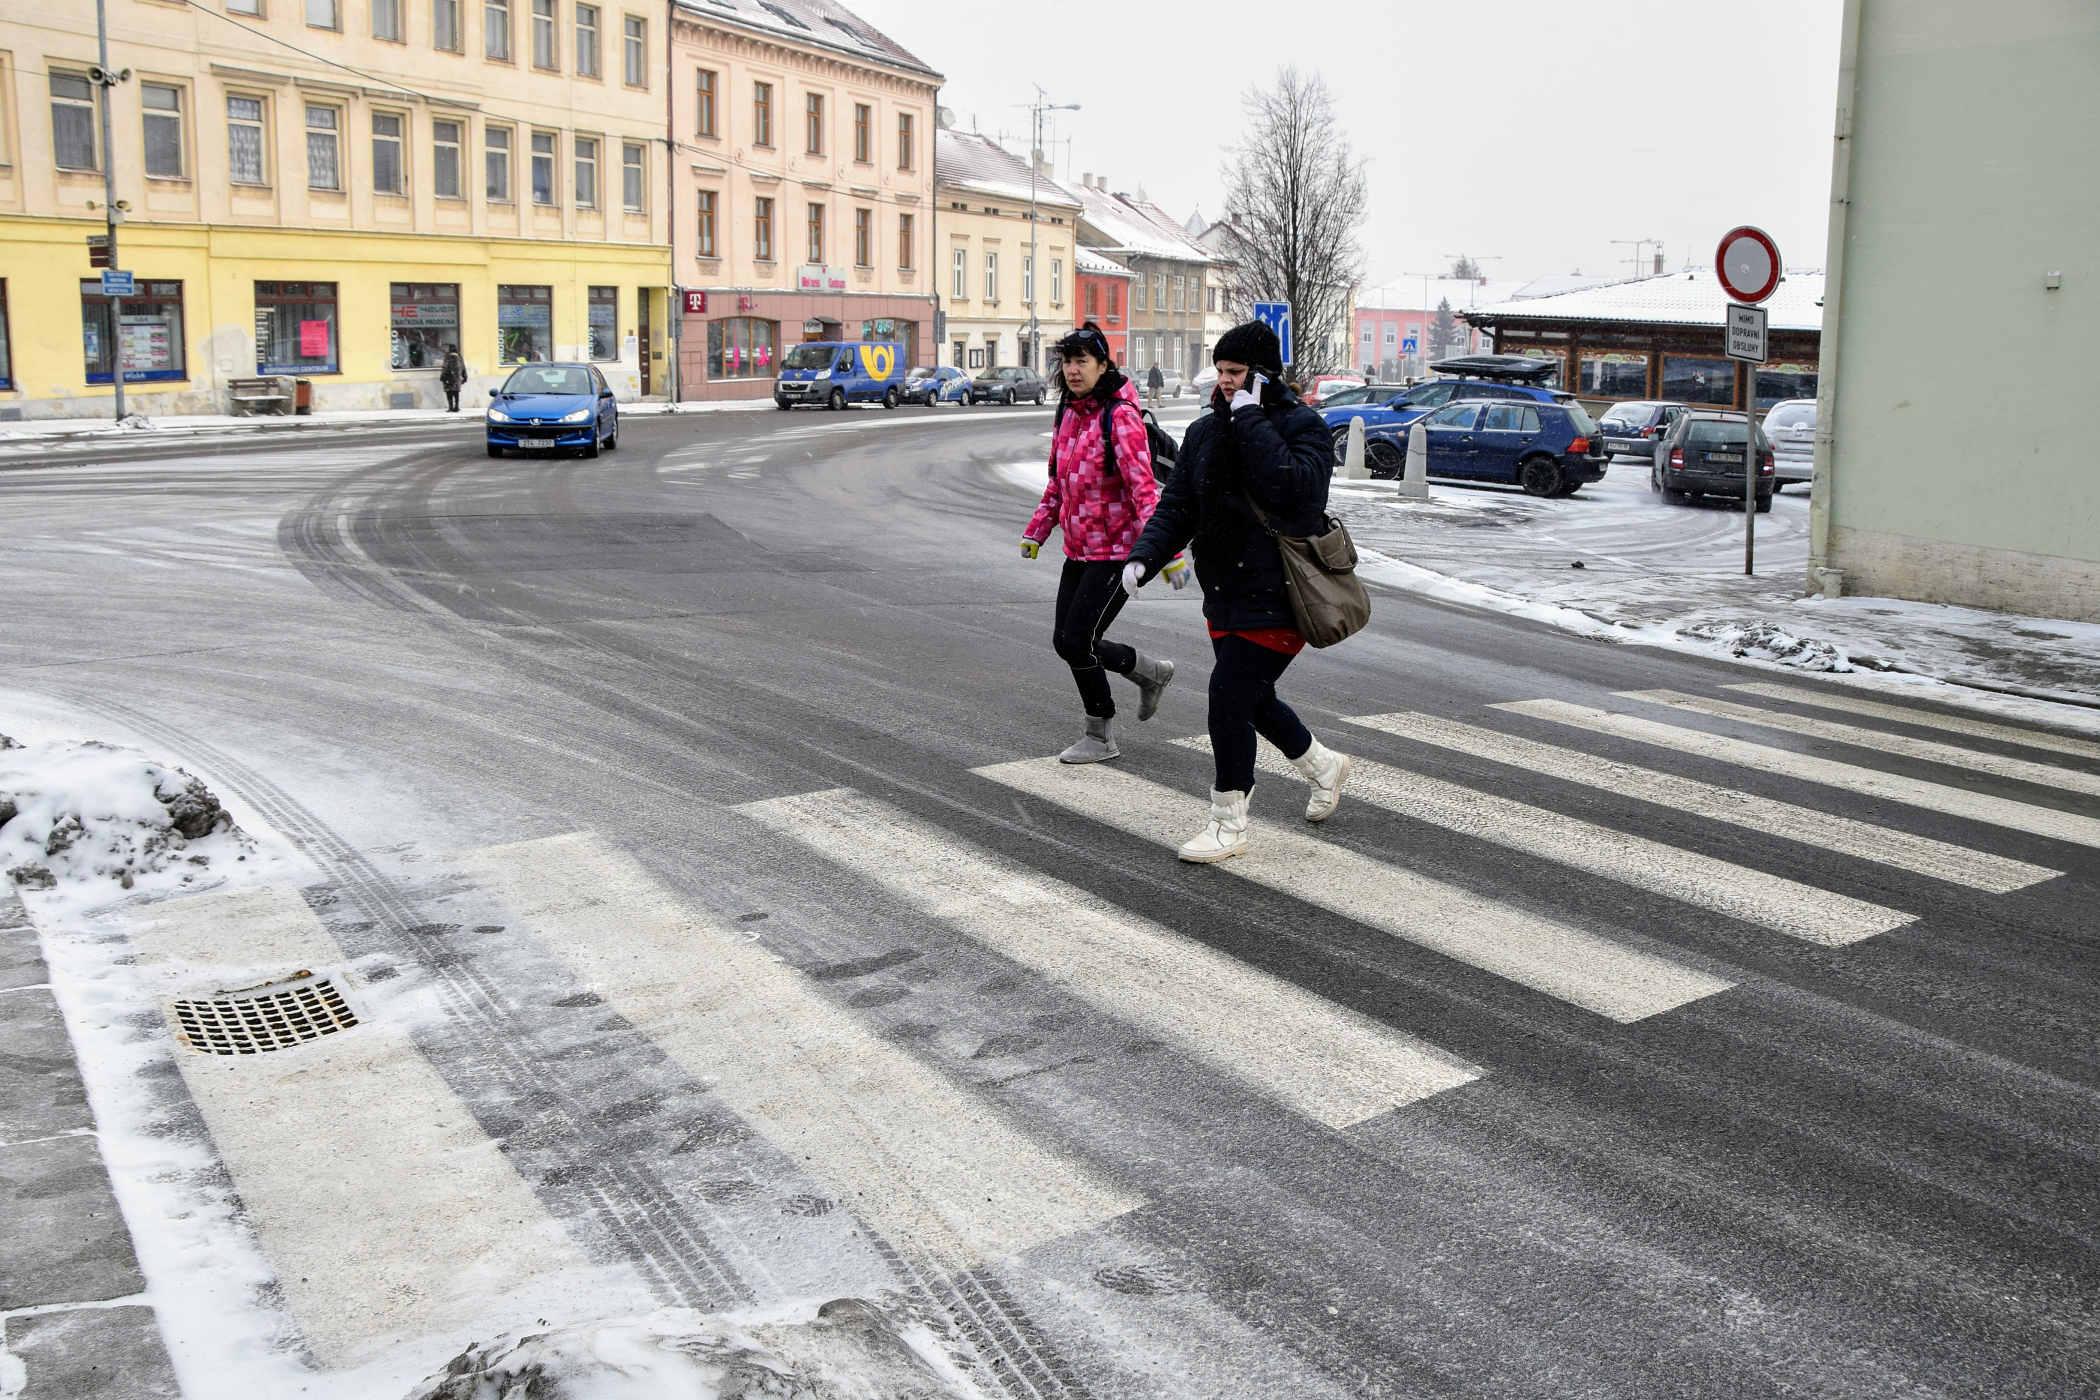 Nebezpečný přechod pro chodce - řidiči jedoucí z ulice Generála Hlaďo někdy chodce přehlédnou